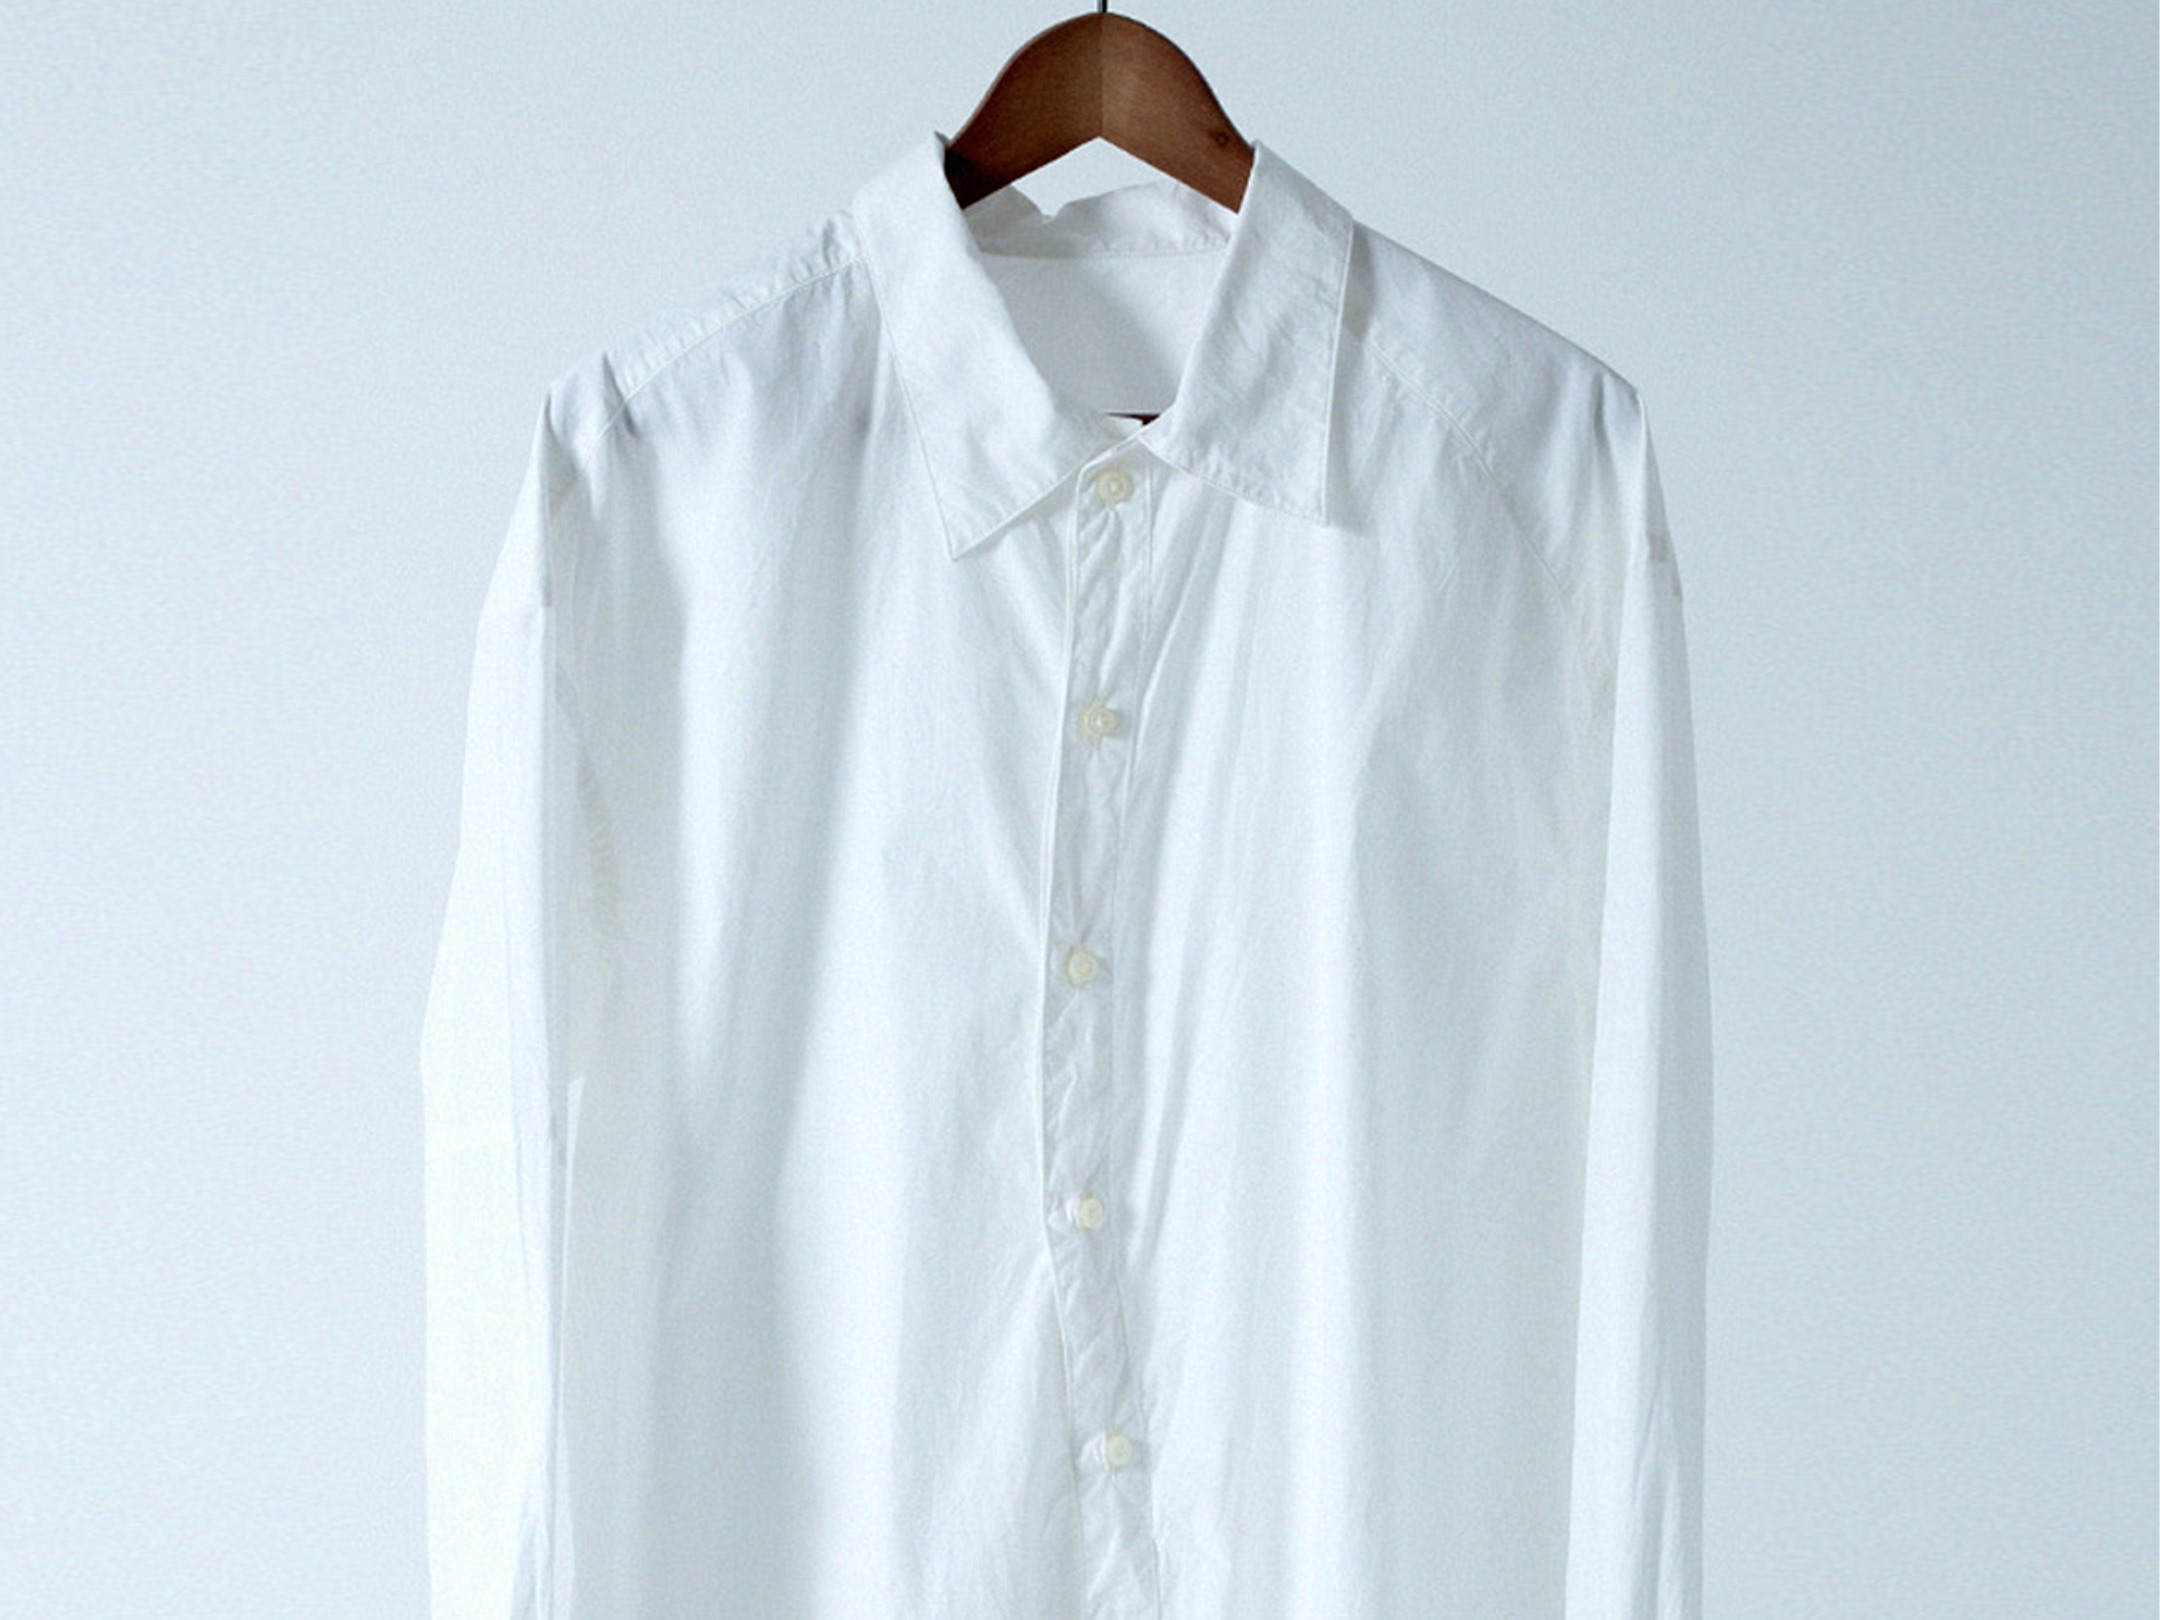 Yシャツの下に肌着を着る?着ない?どちらが正解でしょうか。